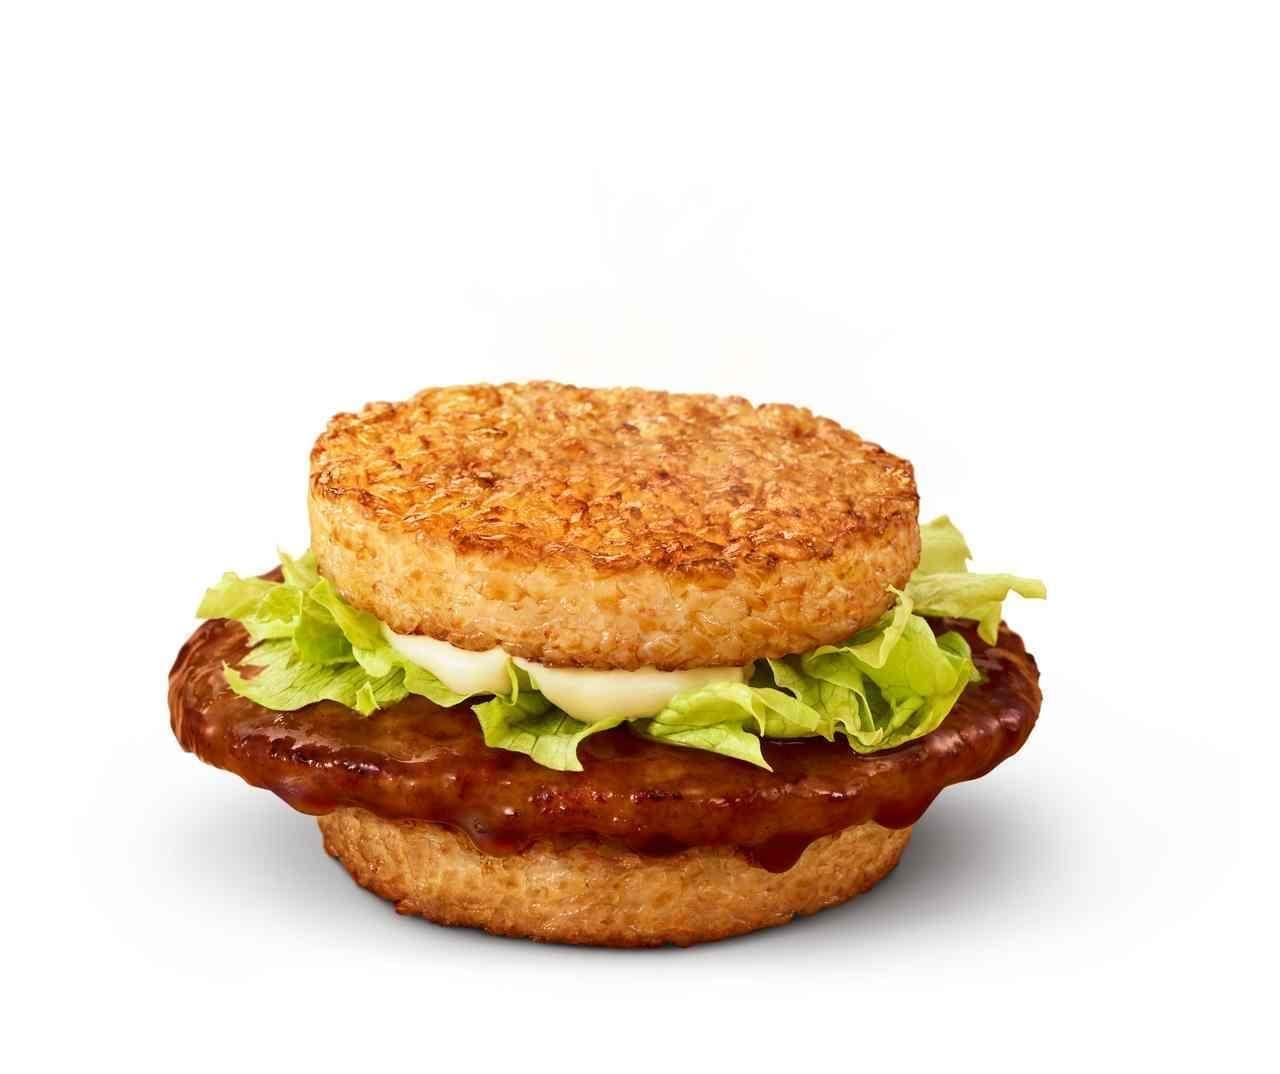 マクドナルド「ごはんフィッシュ 和風黒胡椒」など「ごはんバーガー」3種